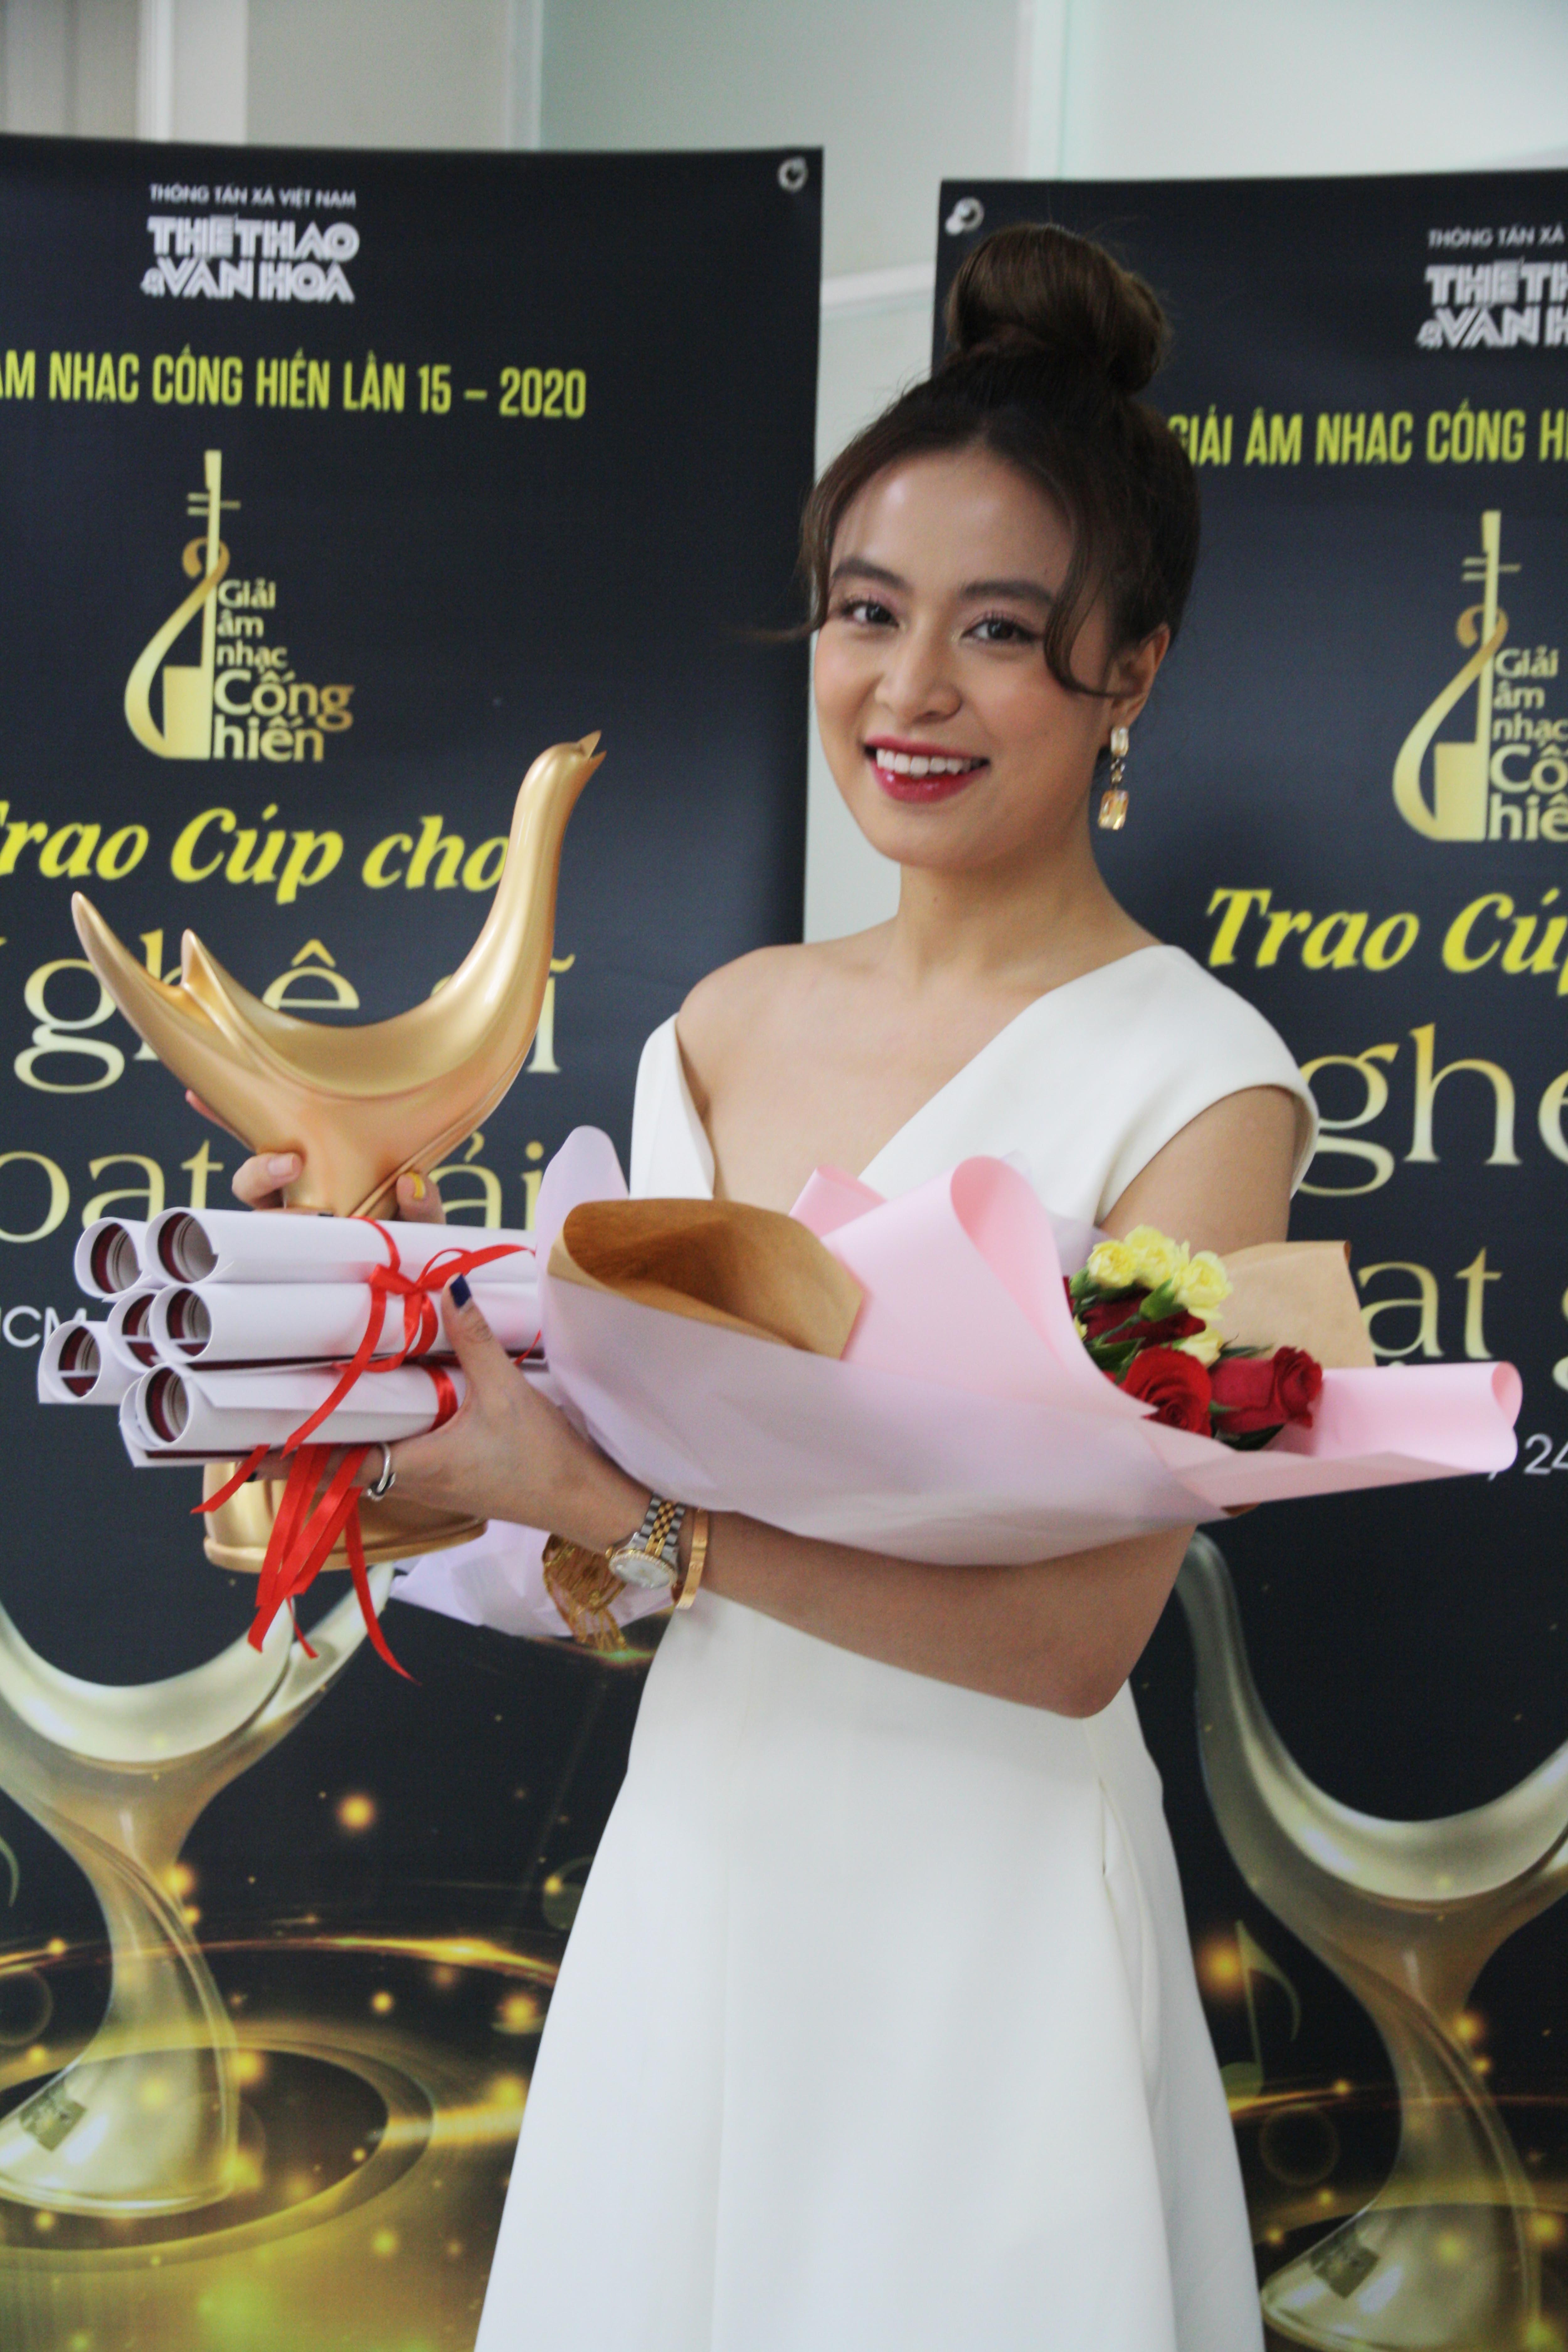 Hoang-Thuy-Linh-12